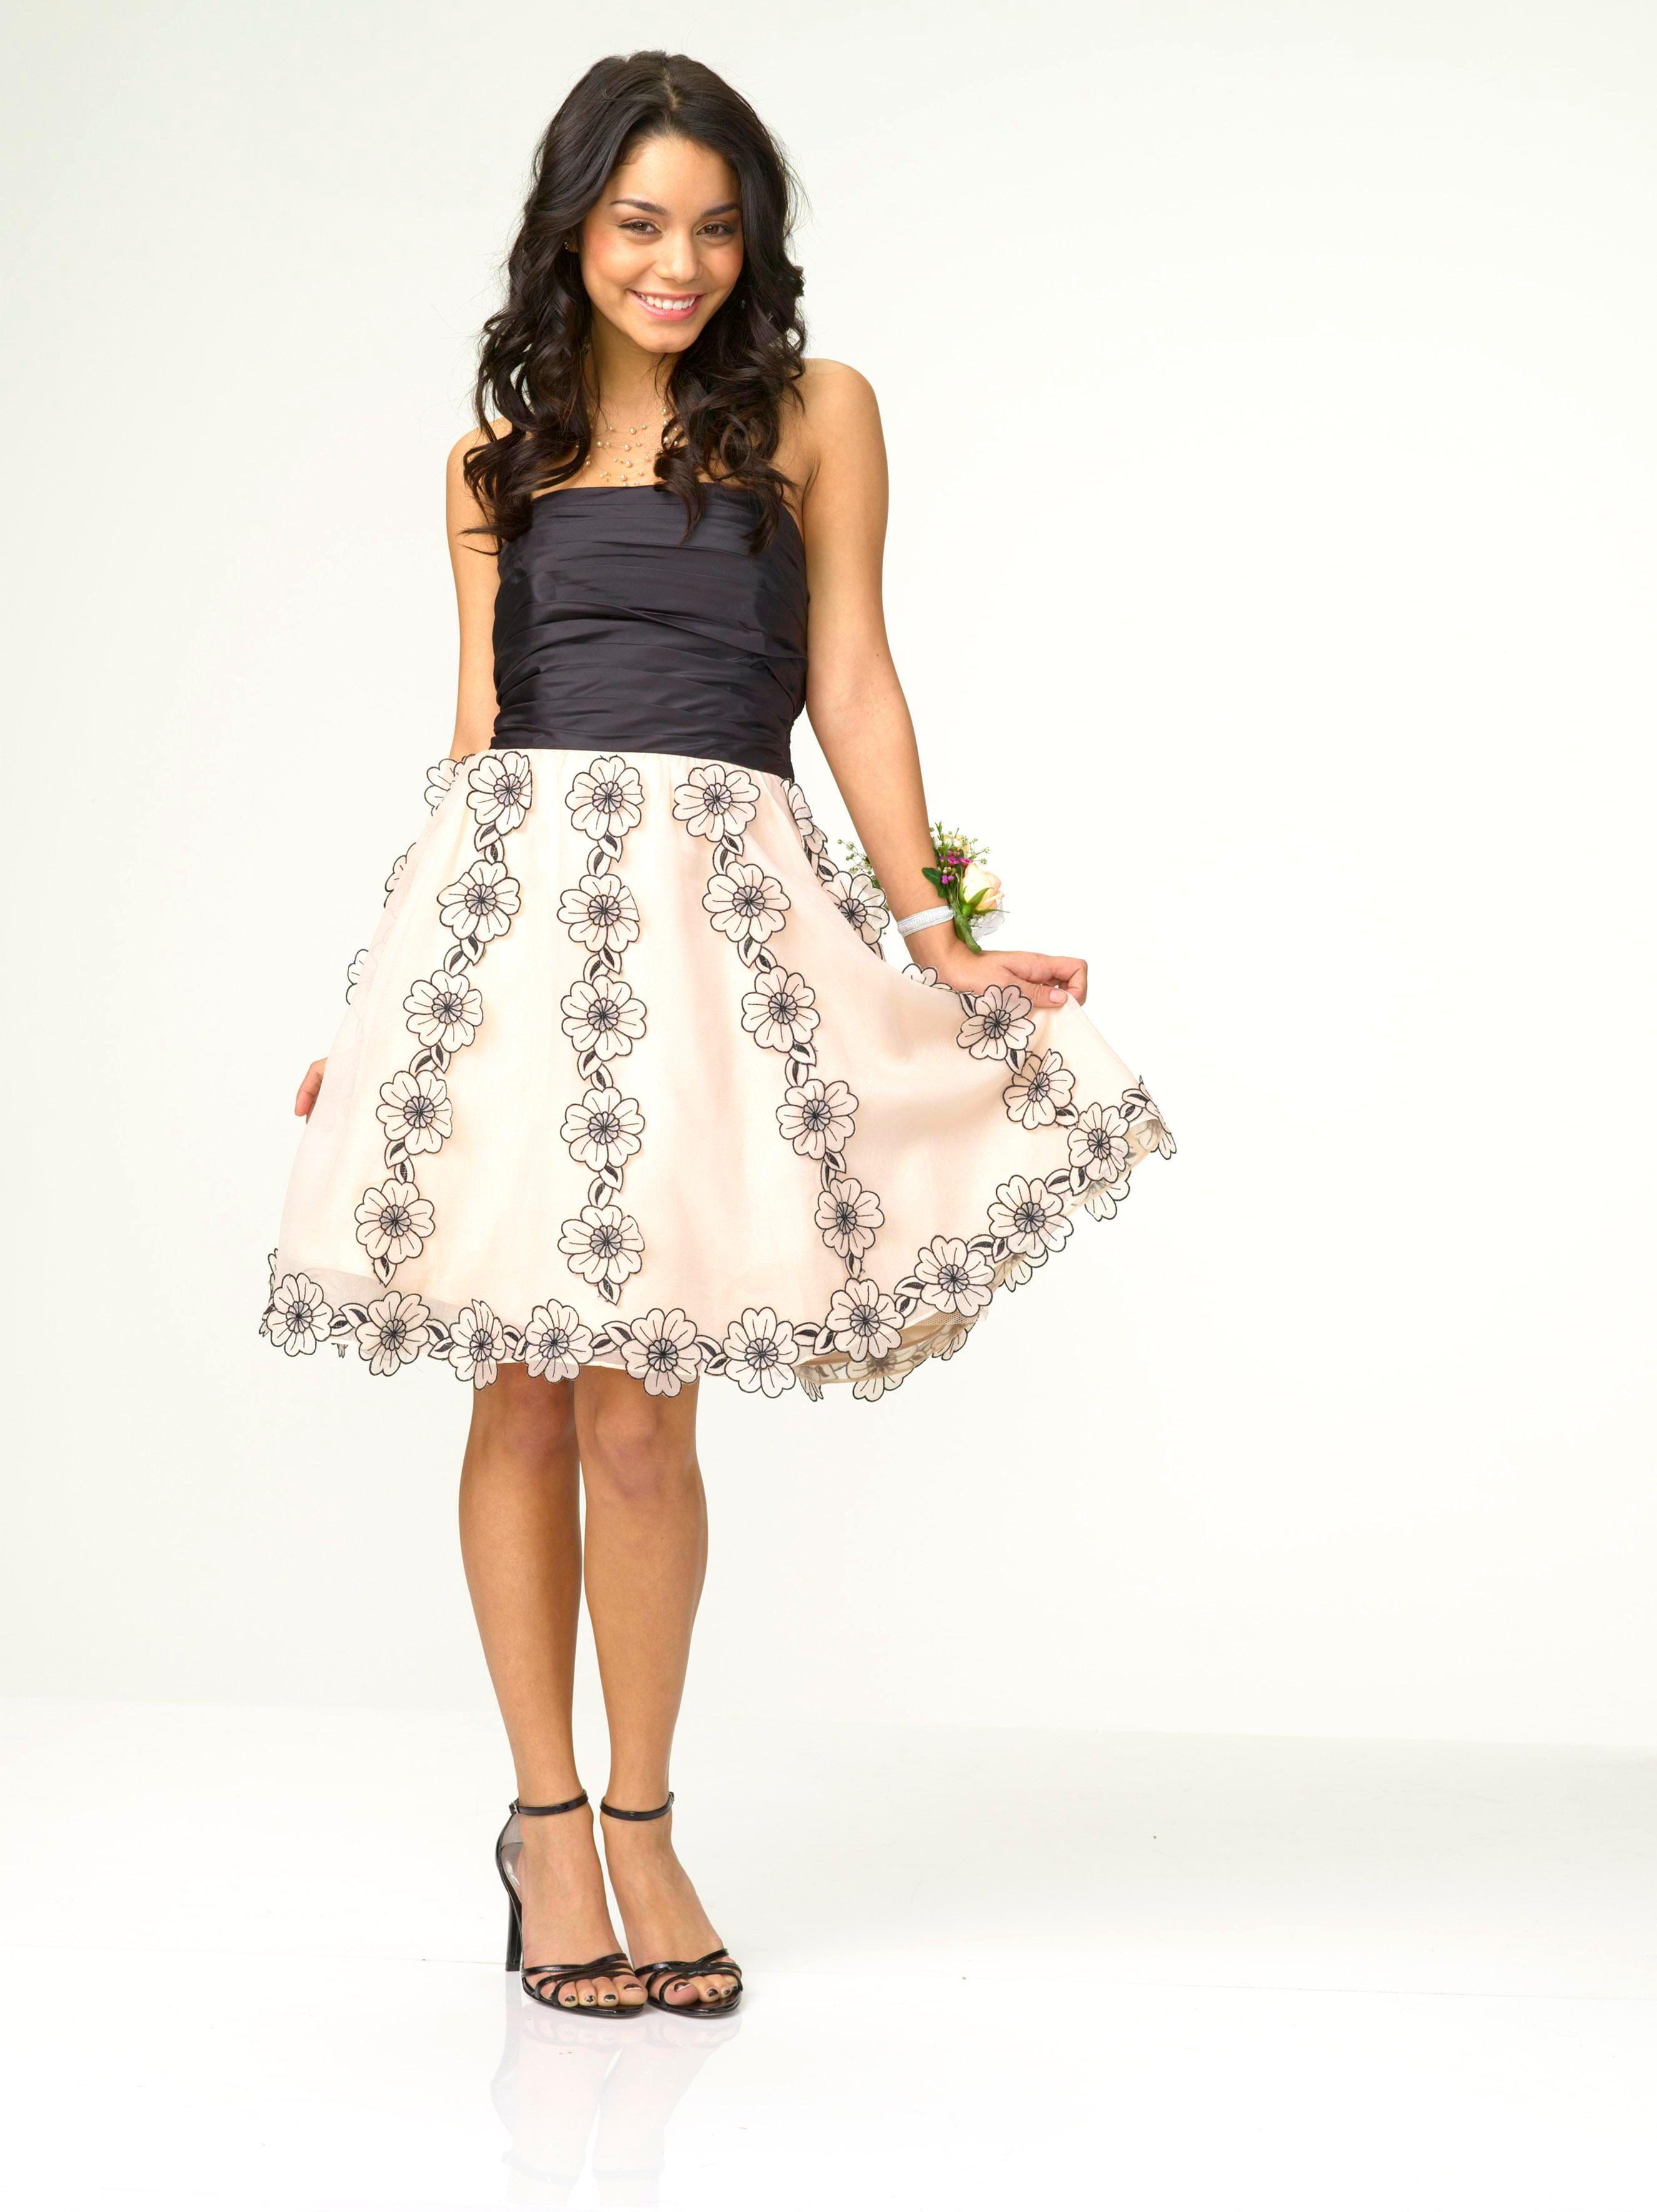 High school musical gabriella outfits - Google Search | Gabriella Montez | Pinterest | High ...